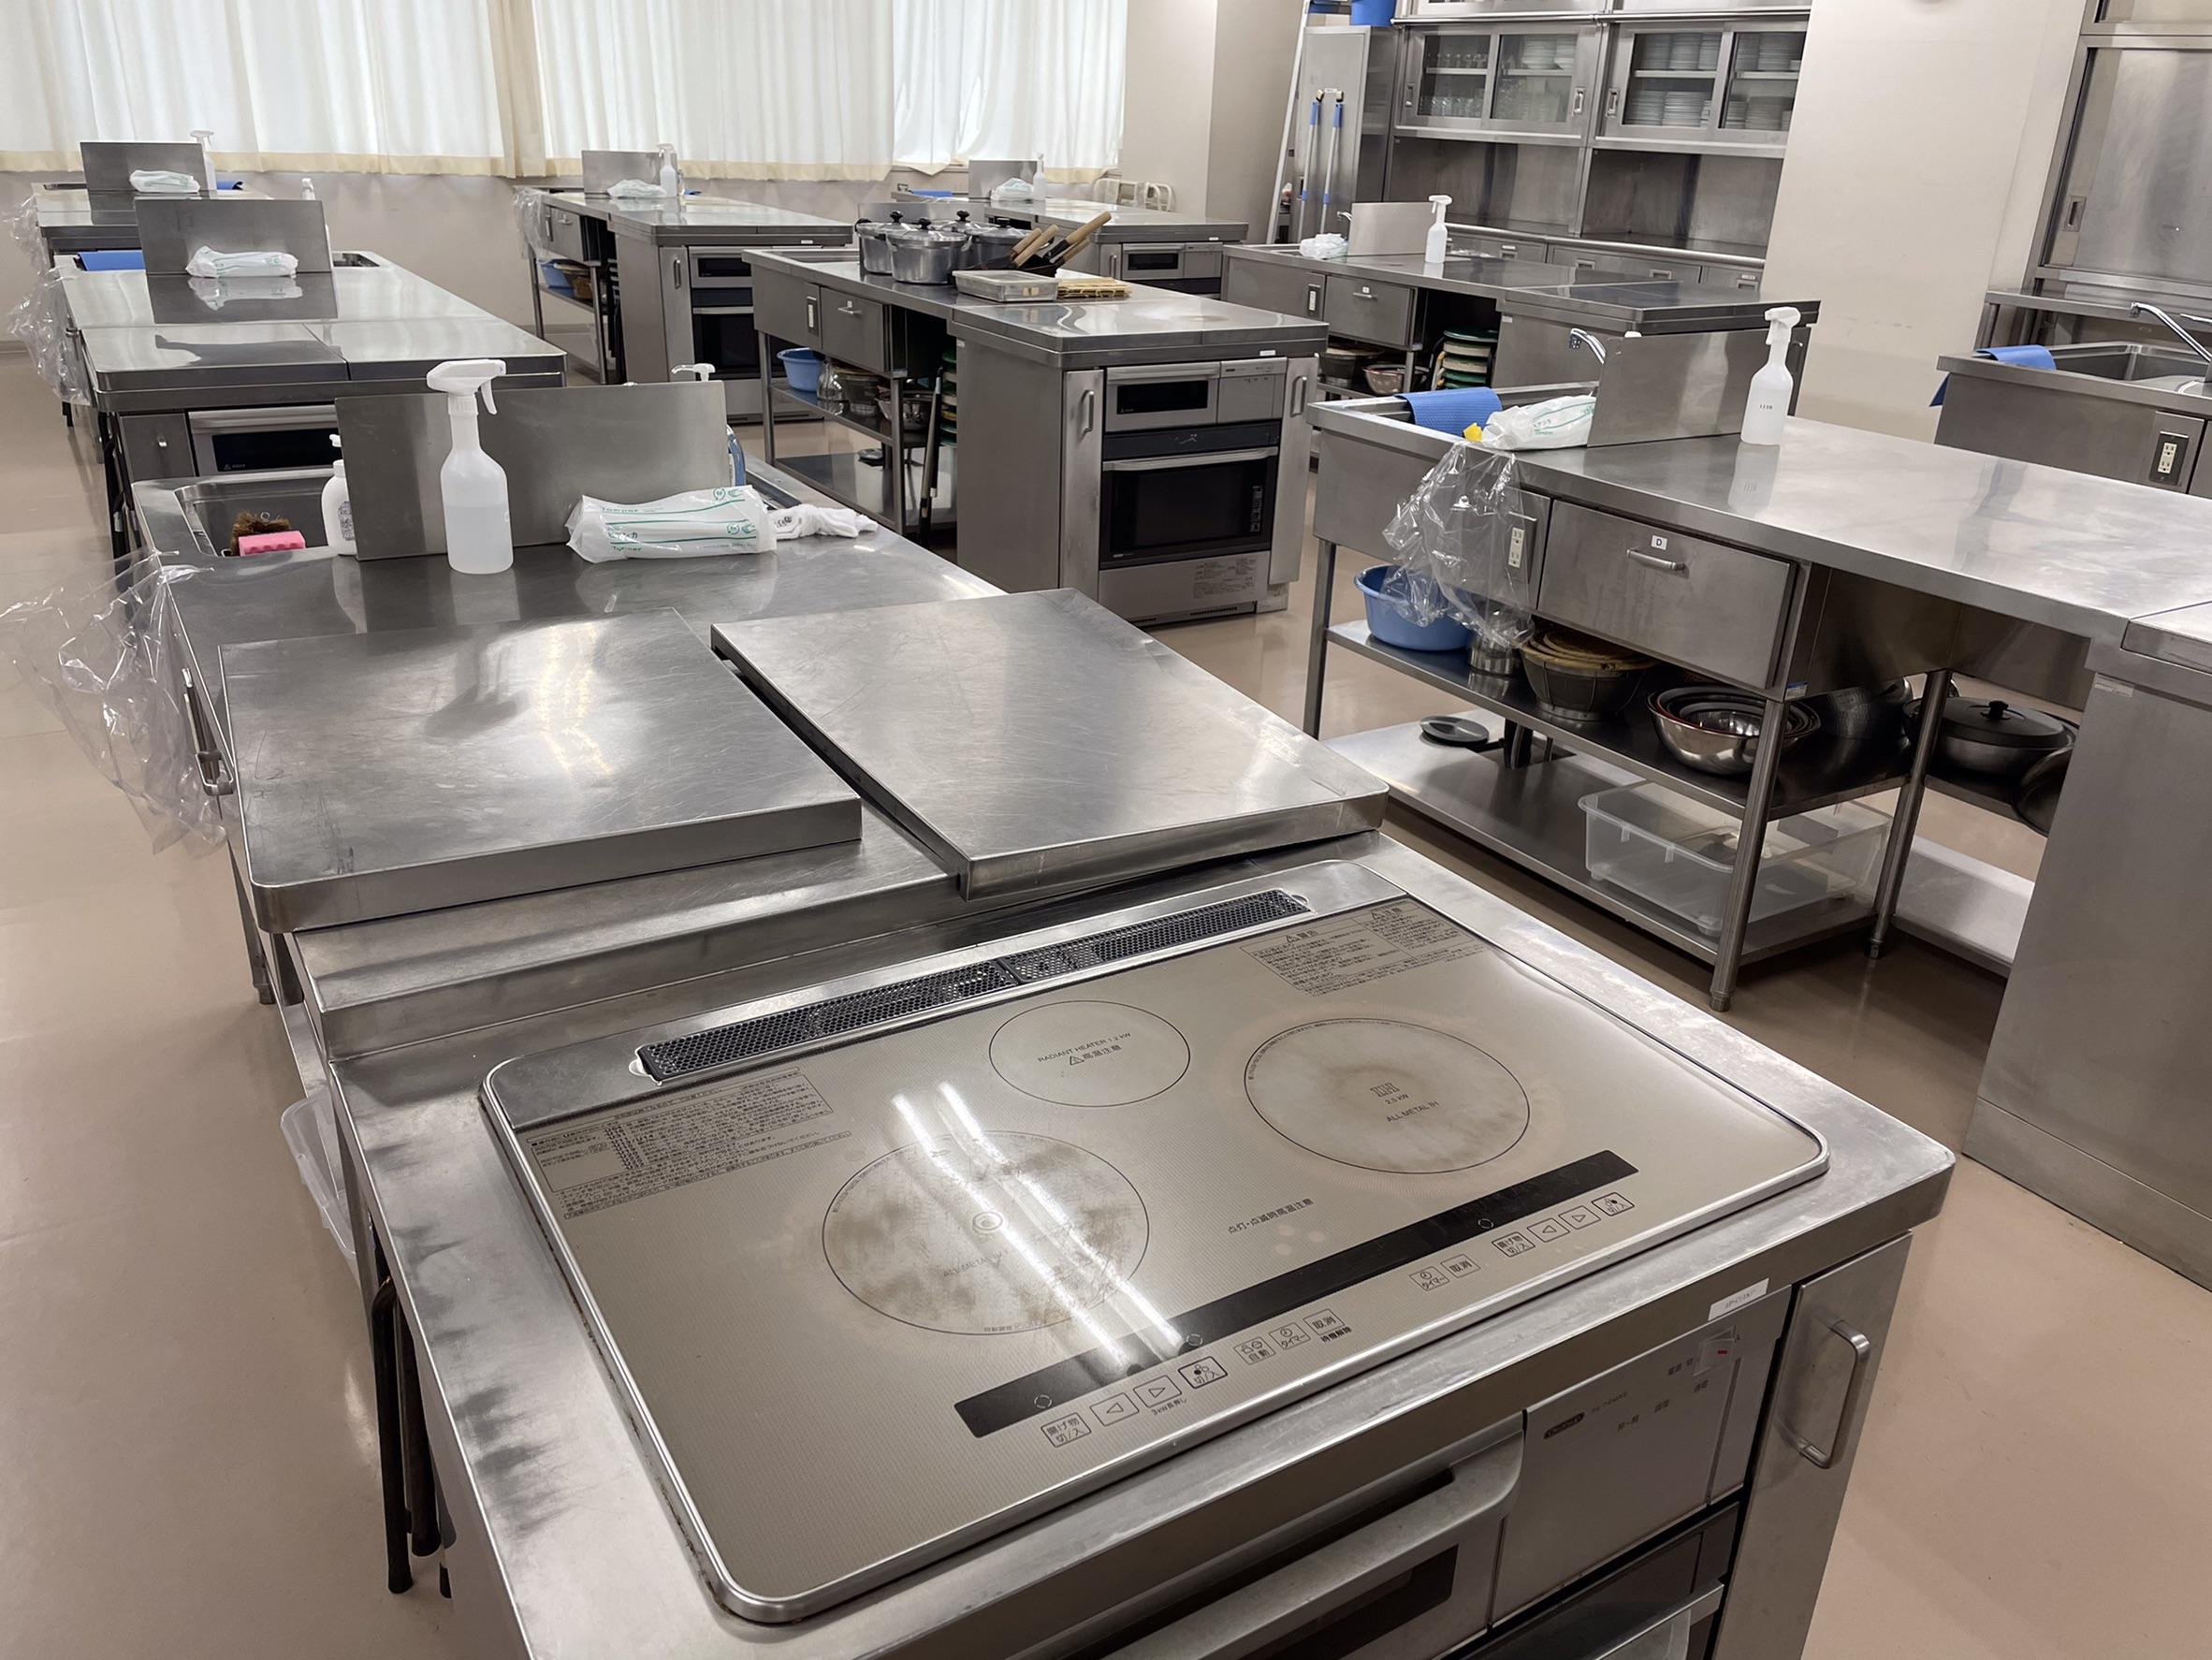 【キャンパス紹介】大学の調理室を見てみよう!